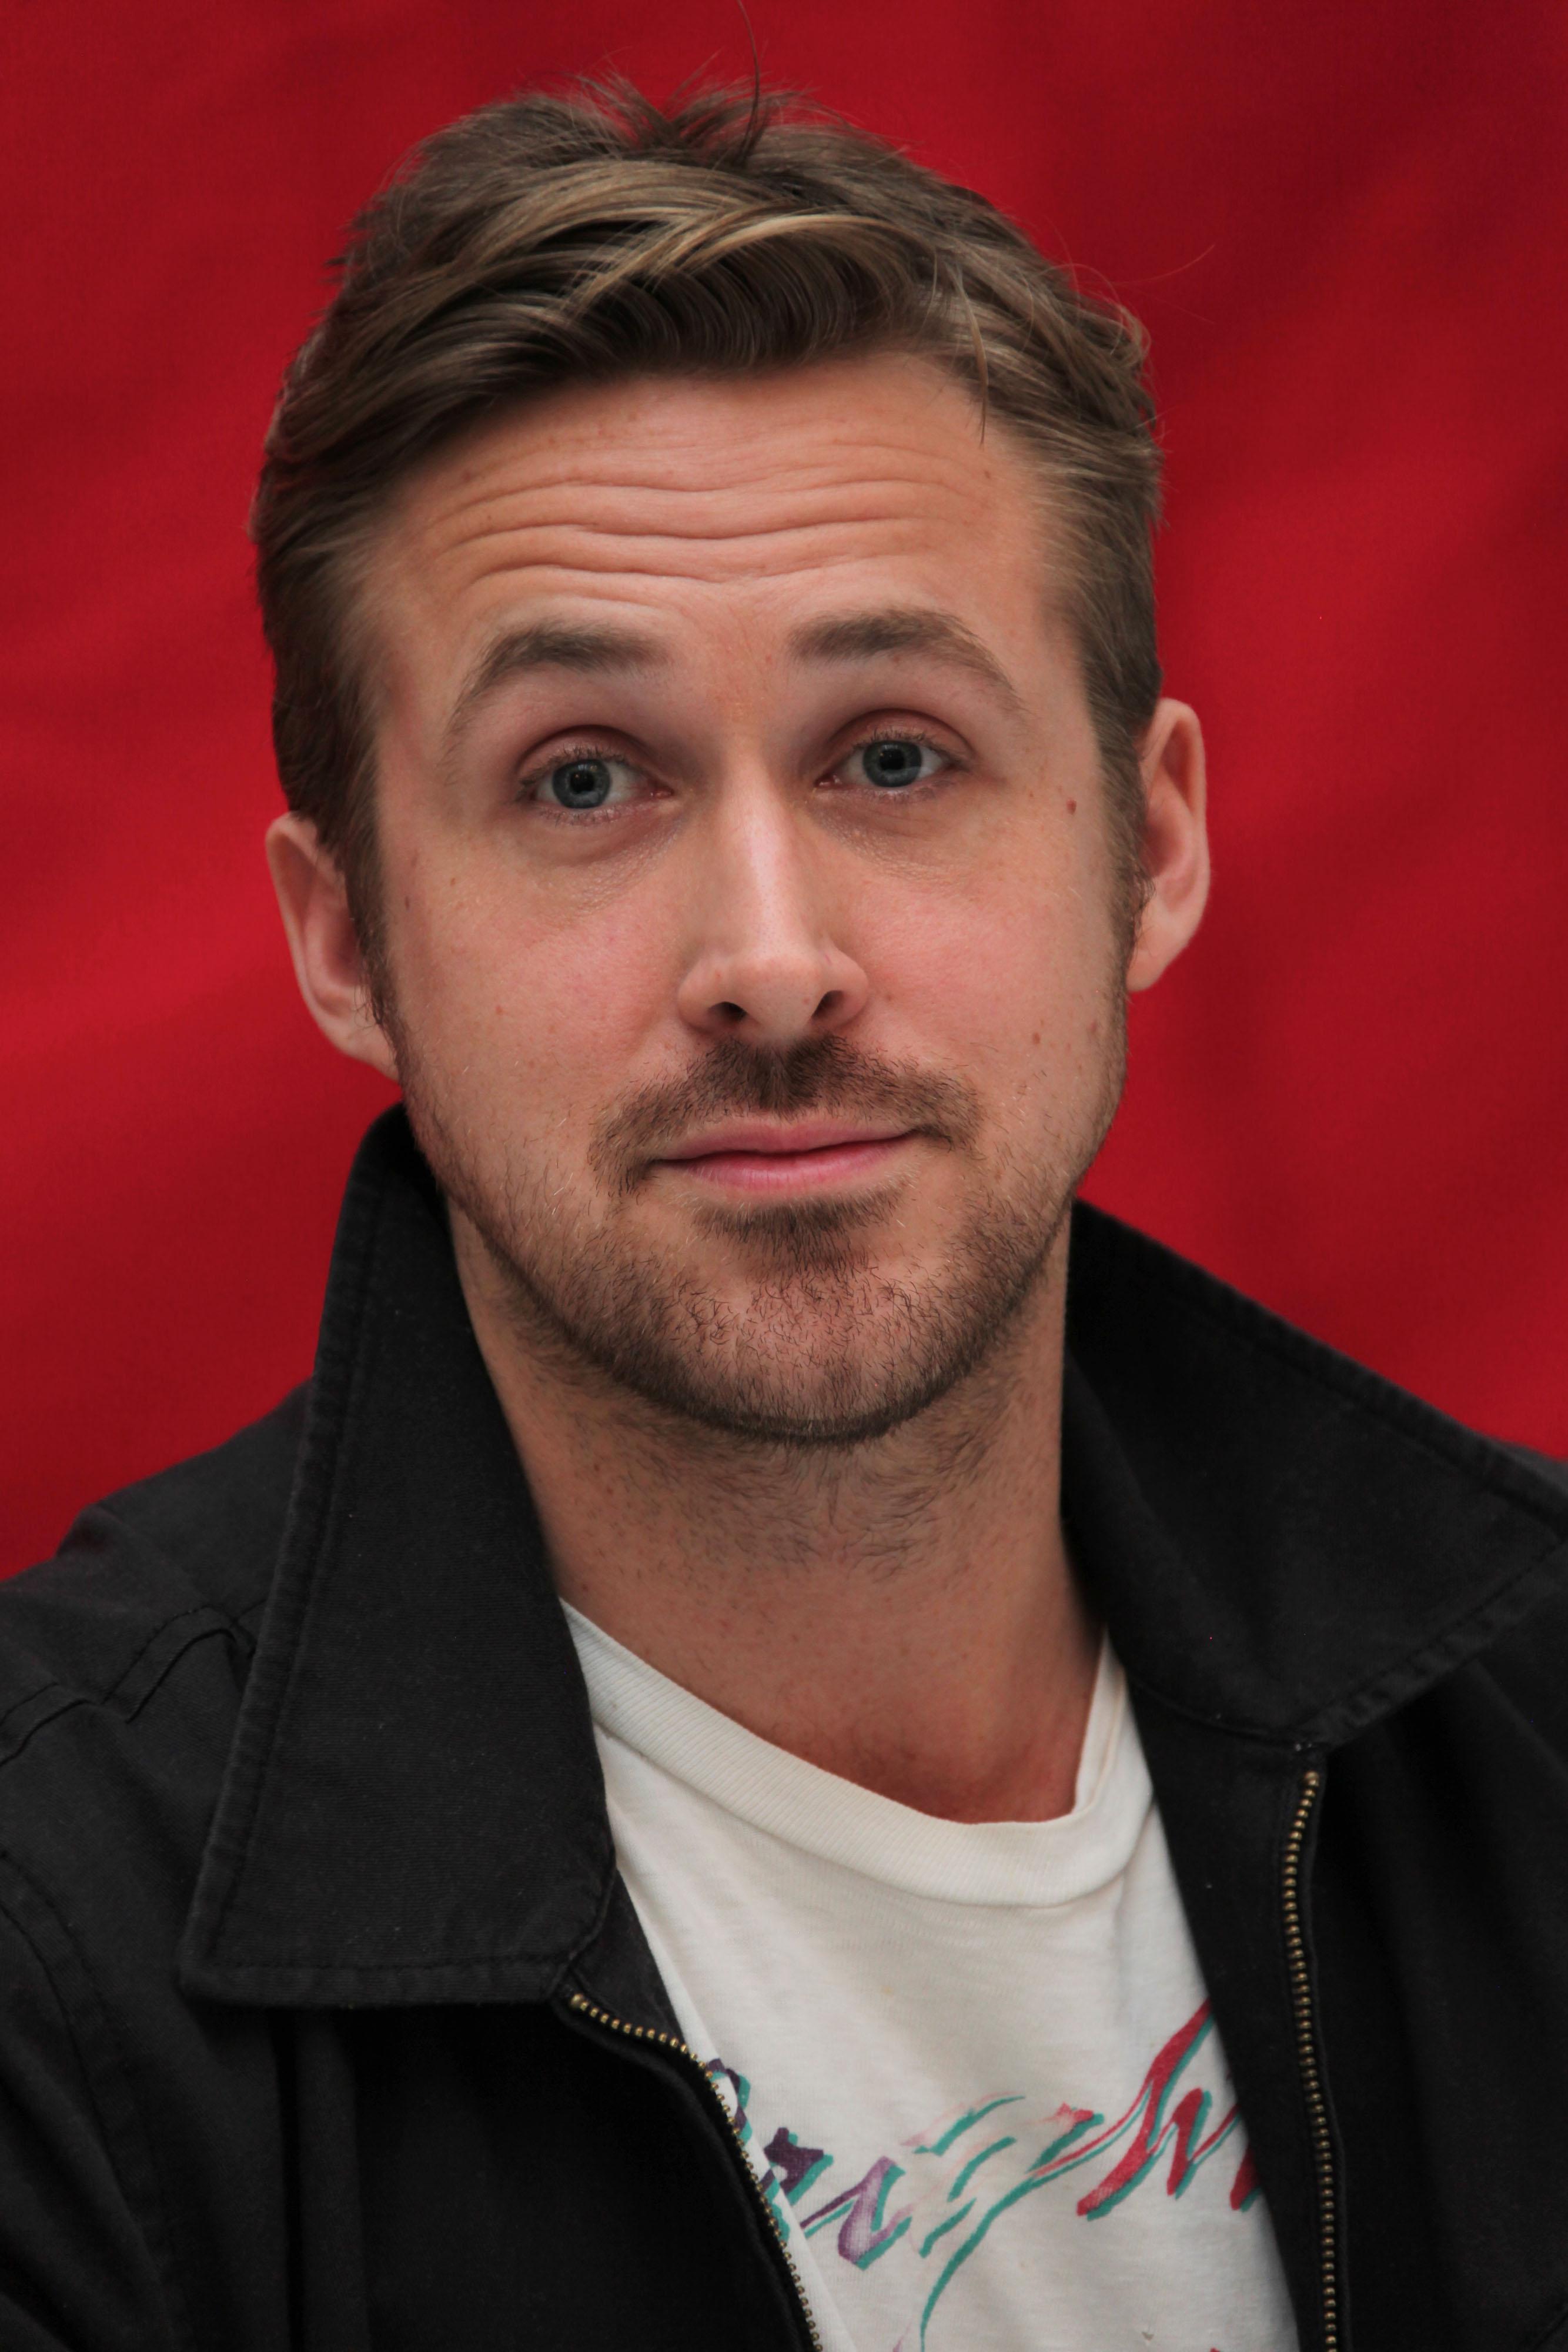 Ryan Gosling Wallpaper... Ryan Gosling